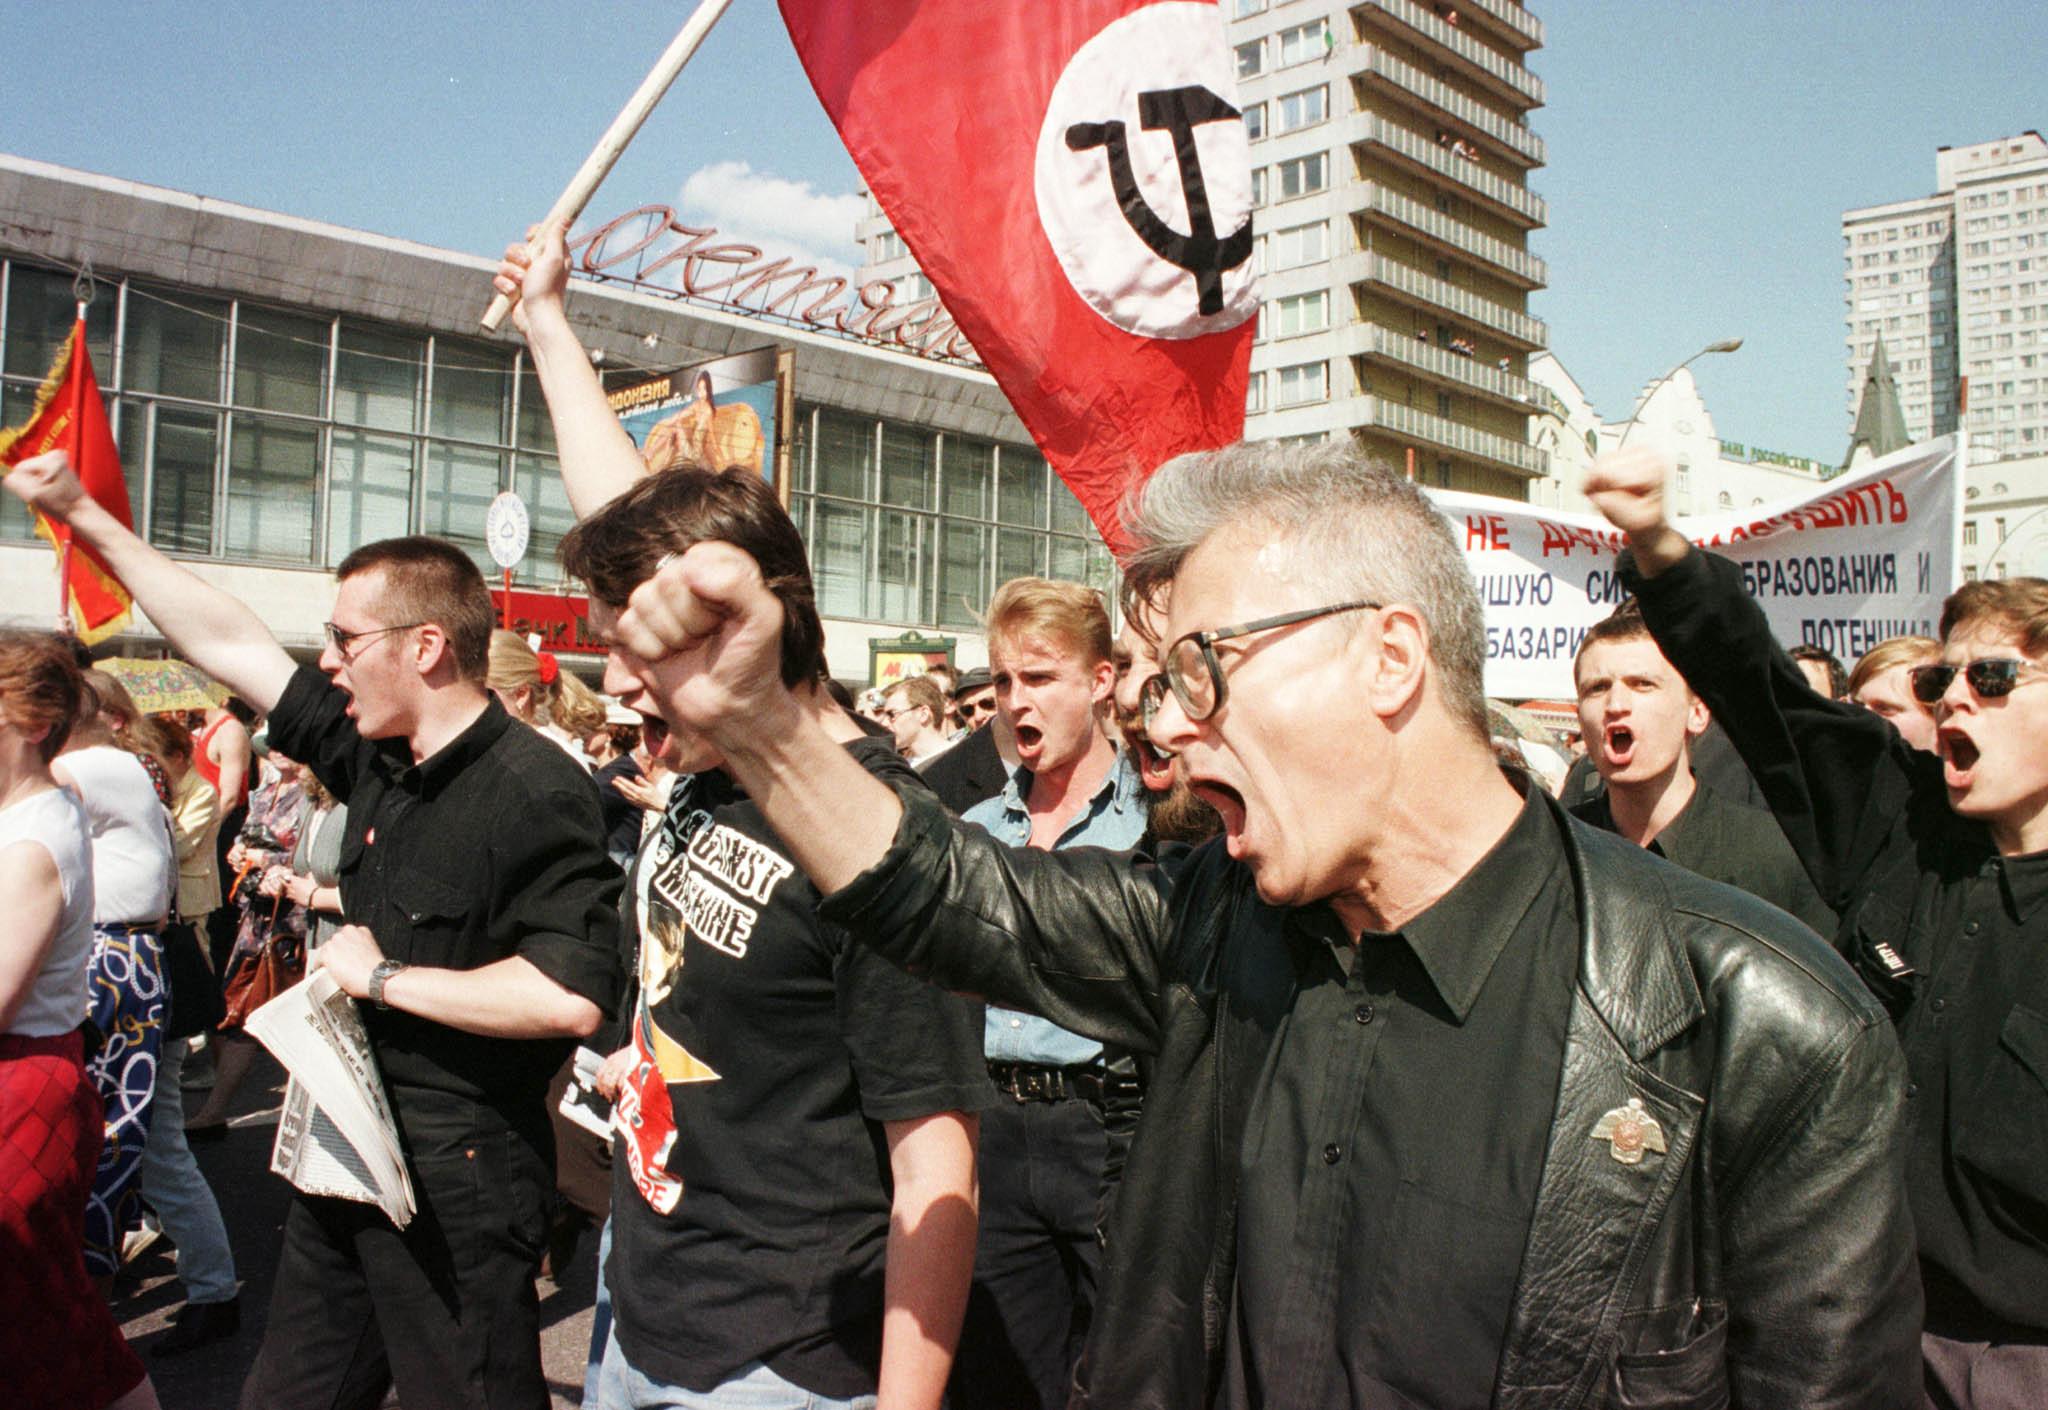 Эдуард Лимонов во время марша протеста вМоскве, 20 мая 1998 года. Тогда после падения рынков коммунисты потребовали отставки президента России Бориса Ельцина